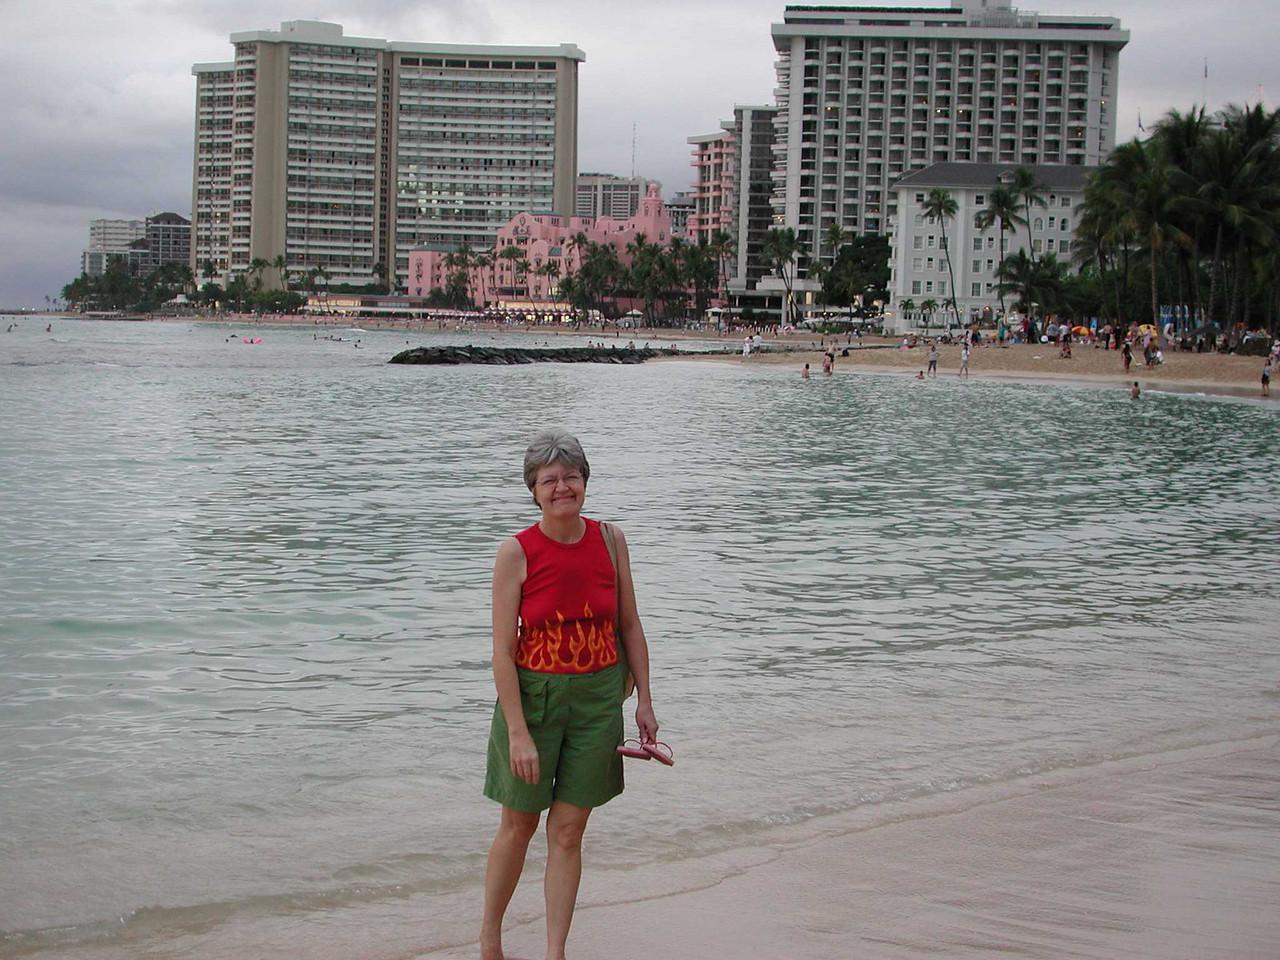 Louise on the beach.